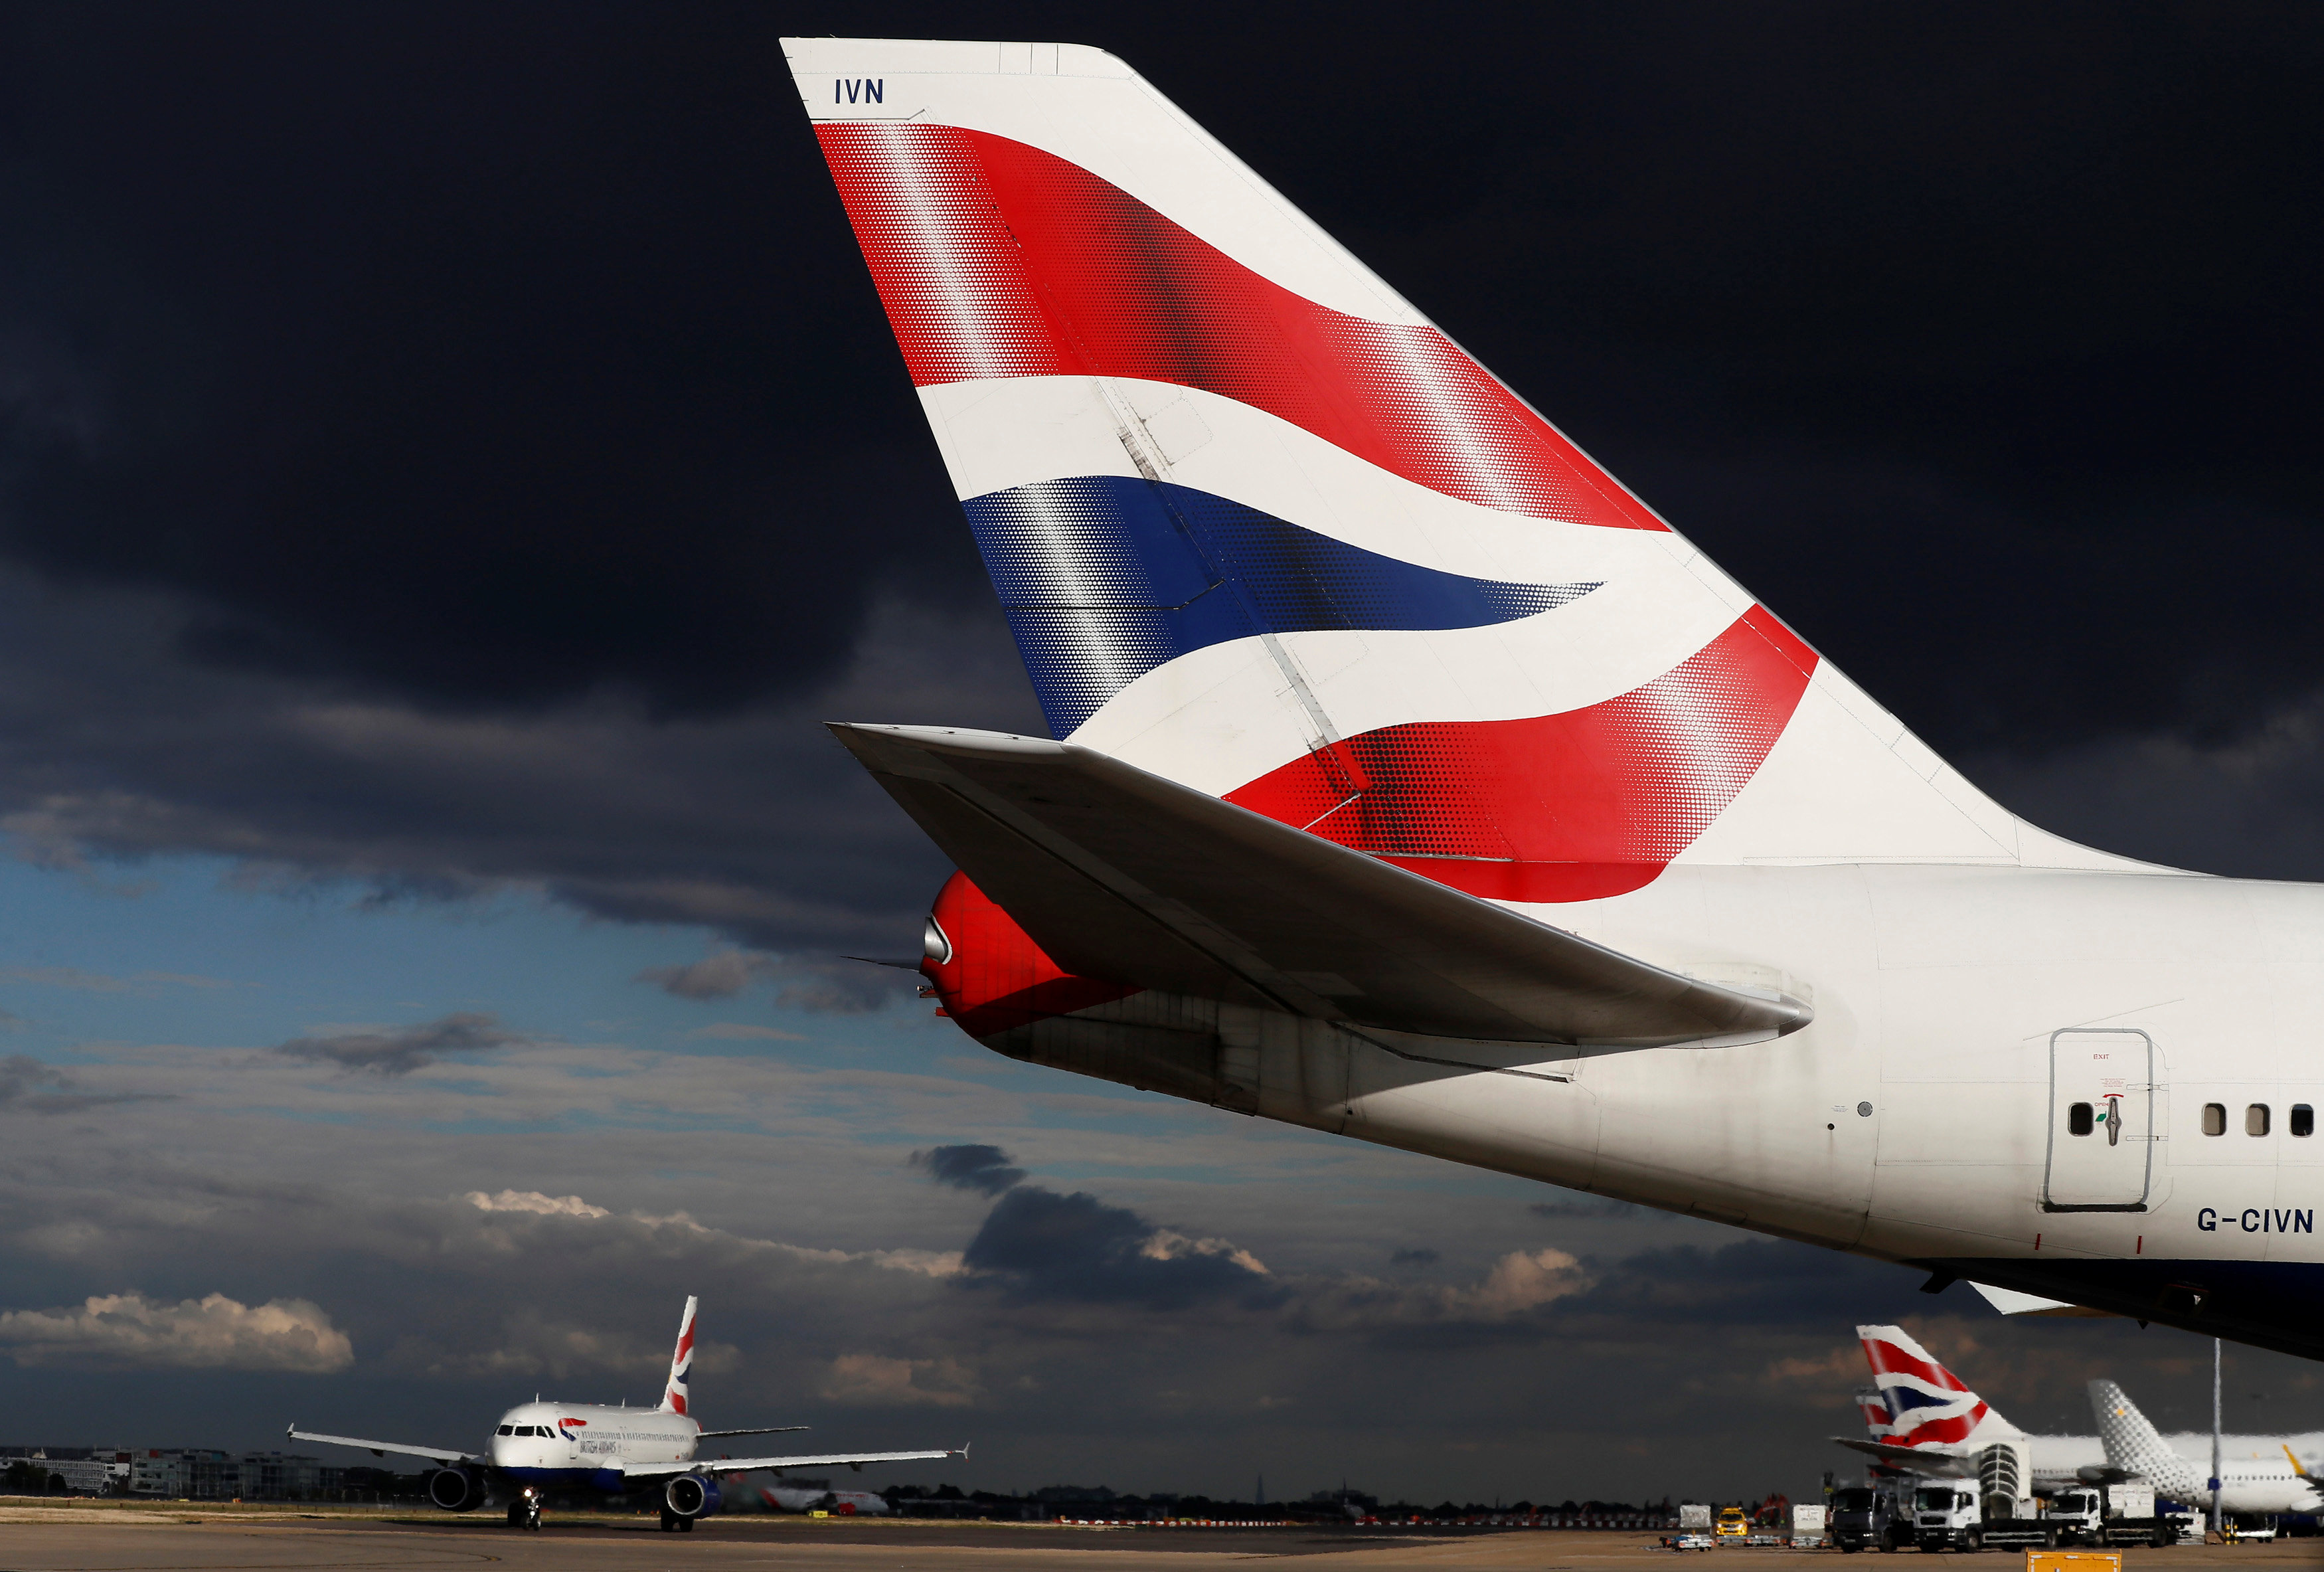 British Airways: Ανακοίνωσε ότι σκοπεύει να απολύσει μέχρι και 12.000 υπαλλήλους